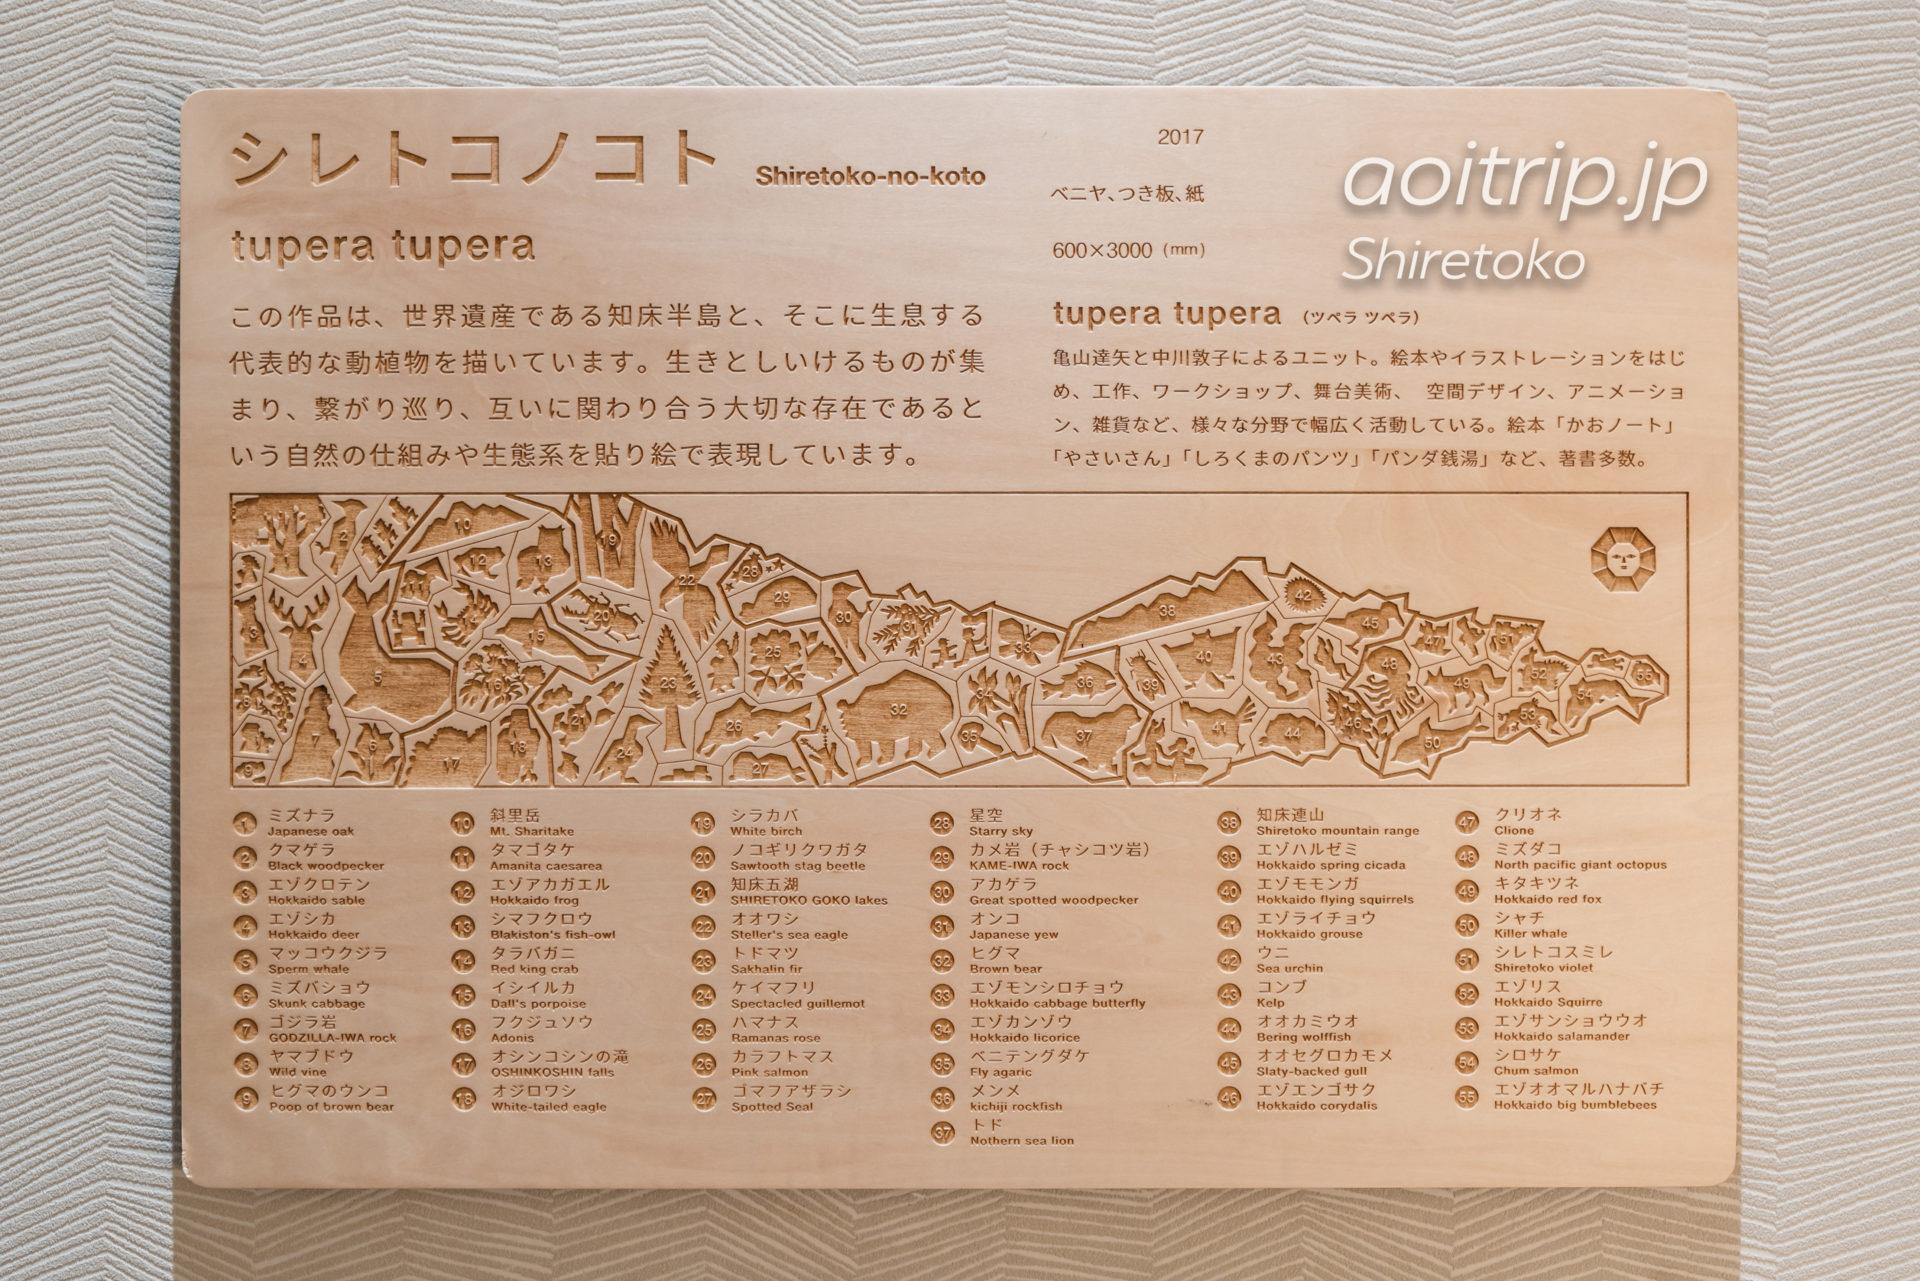 KIKI知床 ナチュラルリゾート アートユニットtupera tuperaの作品『シレトコノコト』